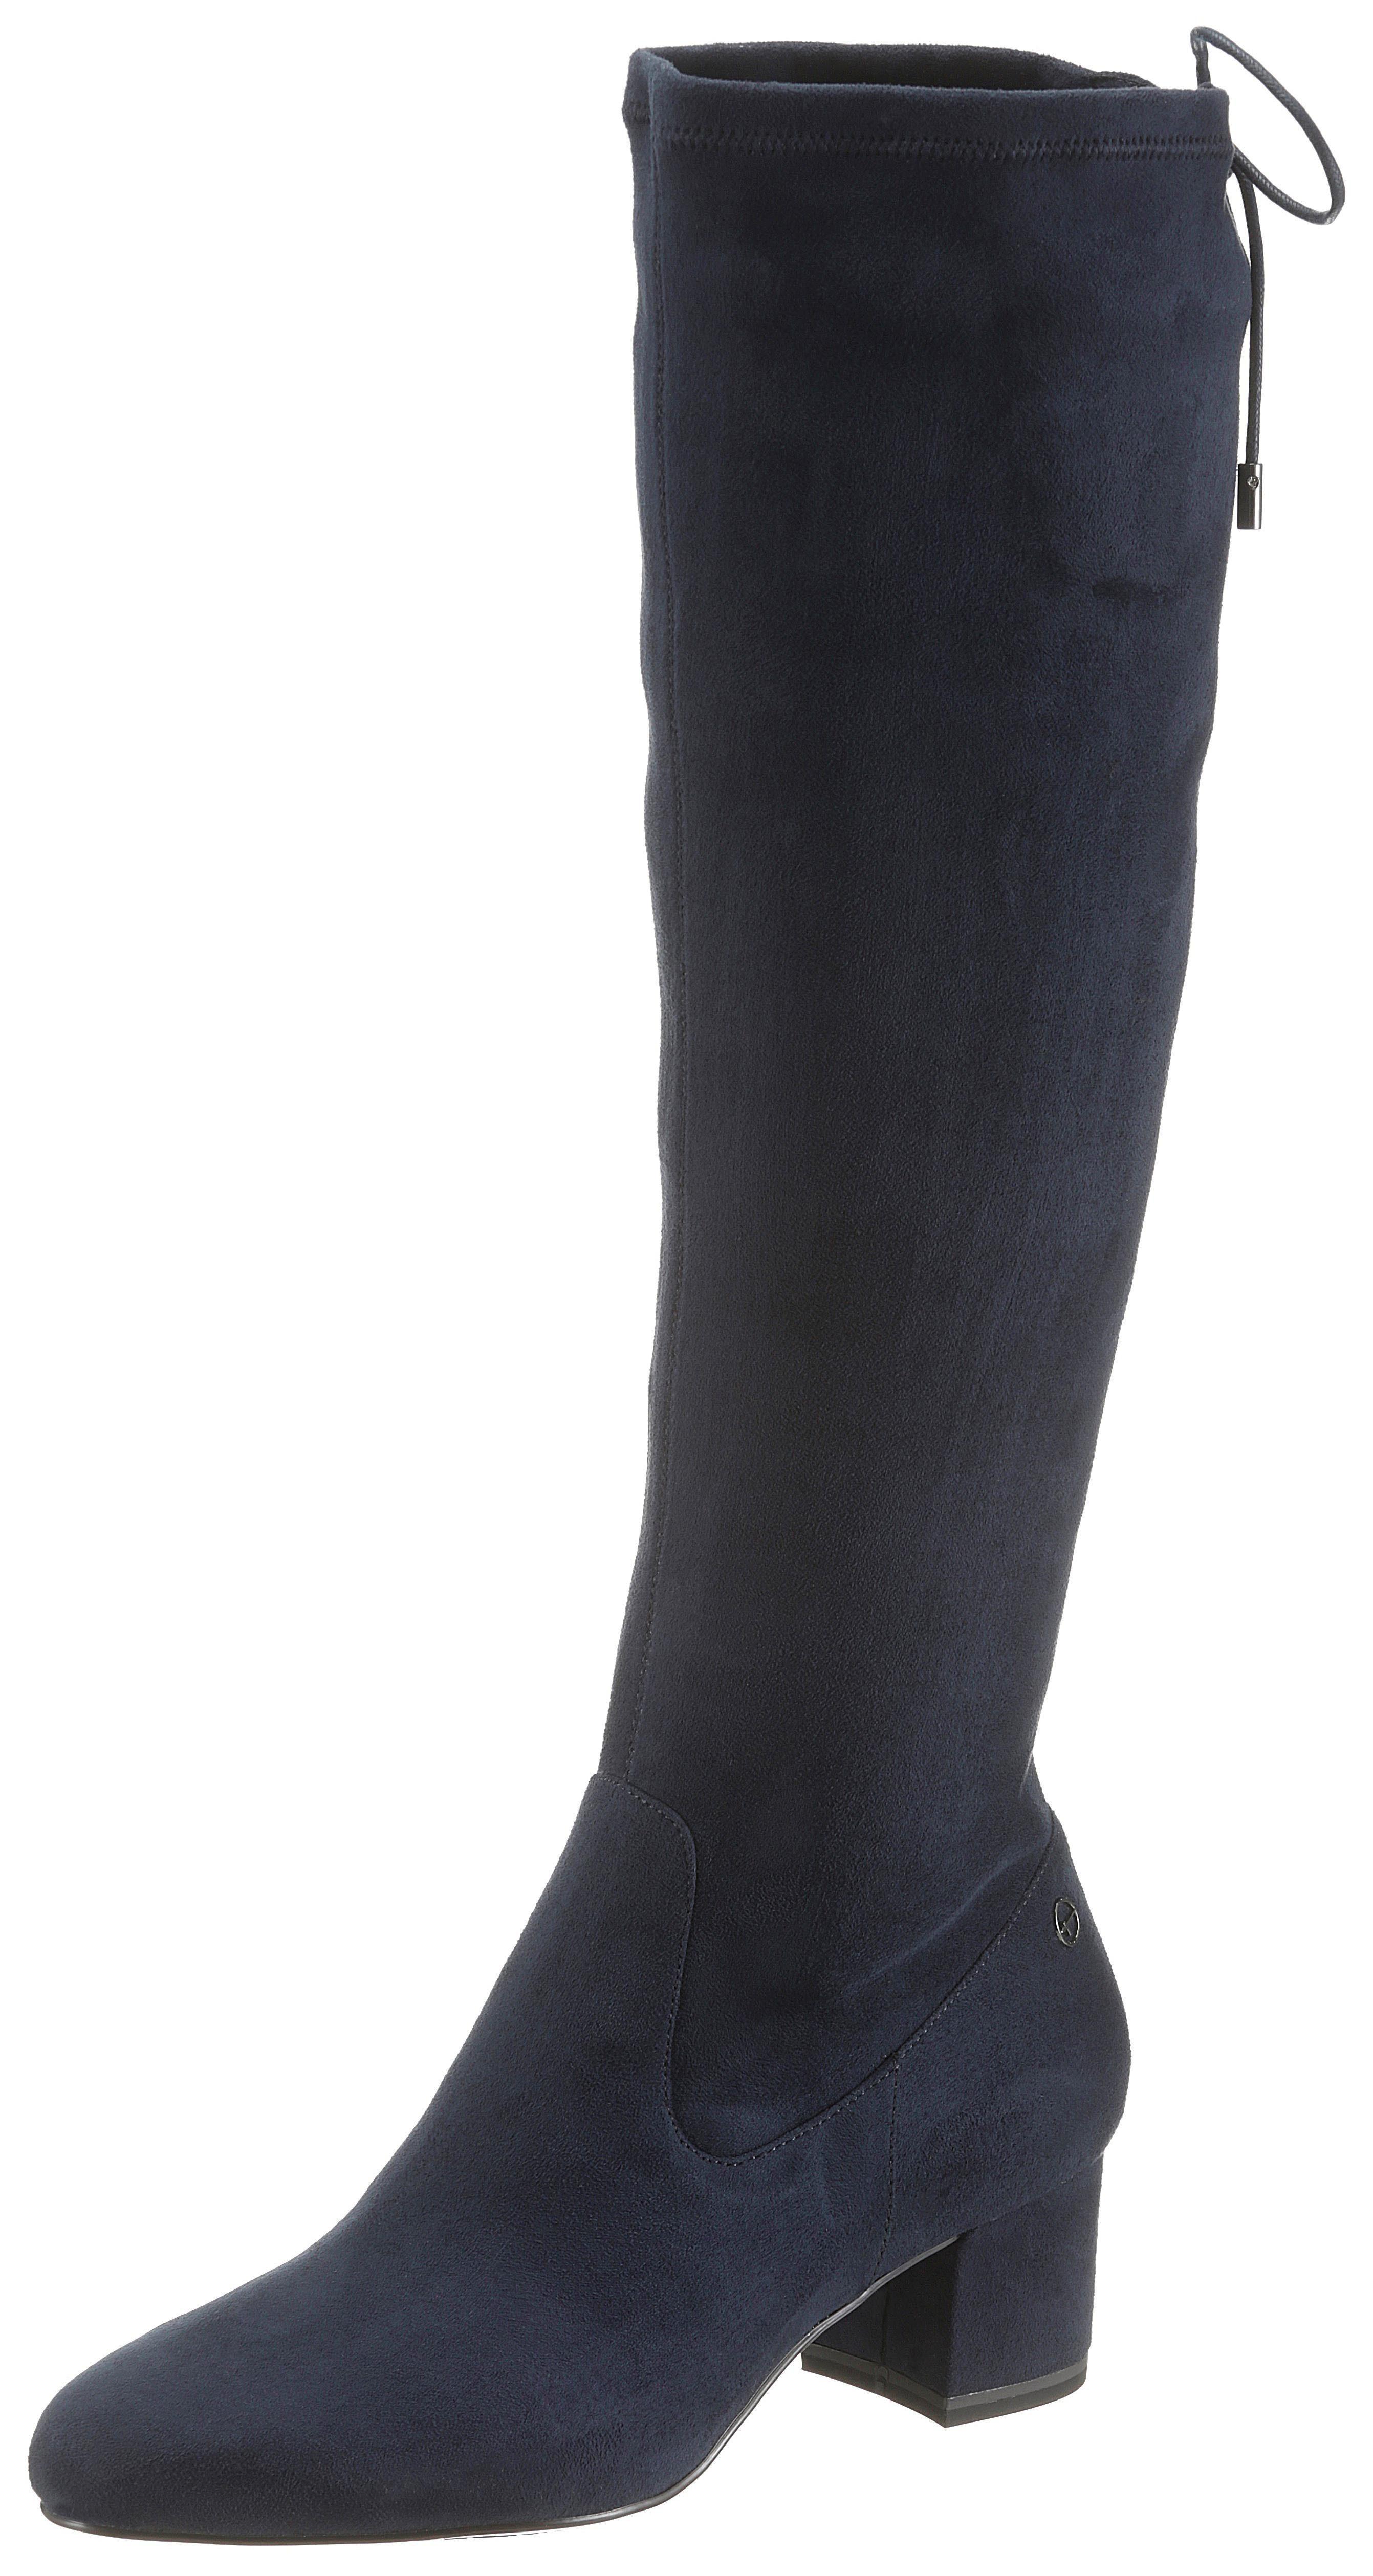 Tamaris »Pedas« Stiefel mit XS Schaft, Mit Stretchschaft online kaufen   OTTO